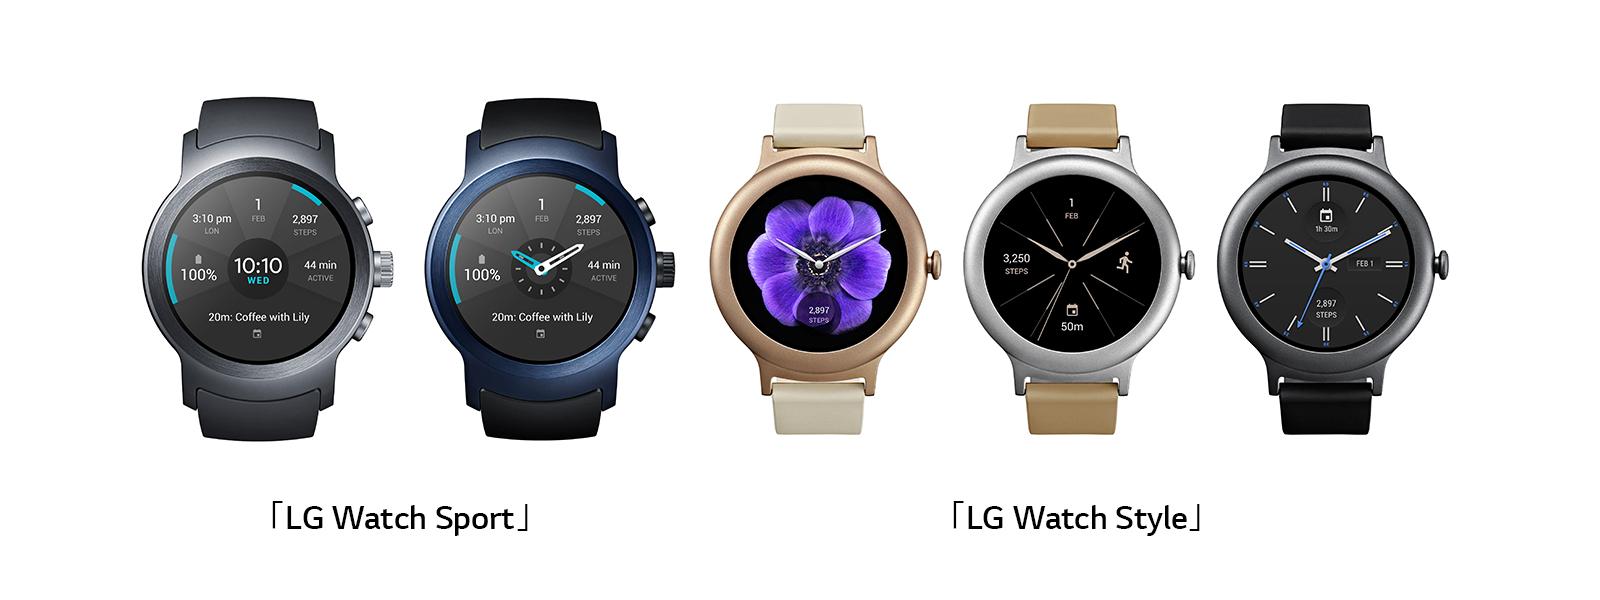 LGエレクトロニクス、世界初のAndroid Wear 2.0搭載スマートウォッチ「LG Watch Sport」・「LG Watch Style」2シリーズ5モデルを米国で発売| プレスリリース | LGエレクトロニクス・ジャパンより引用